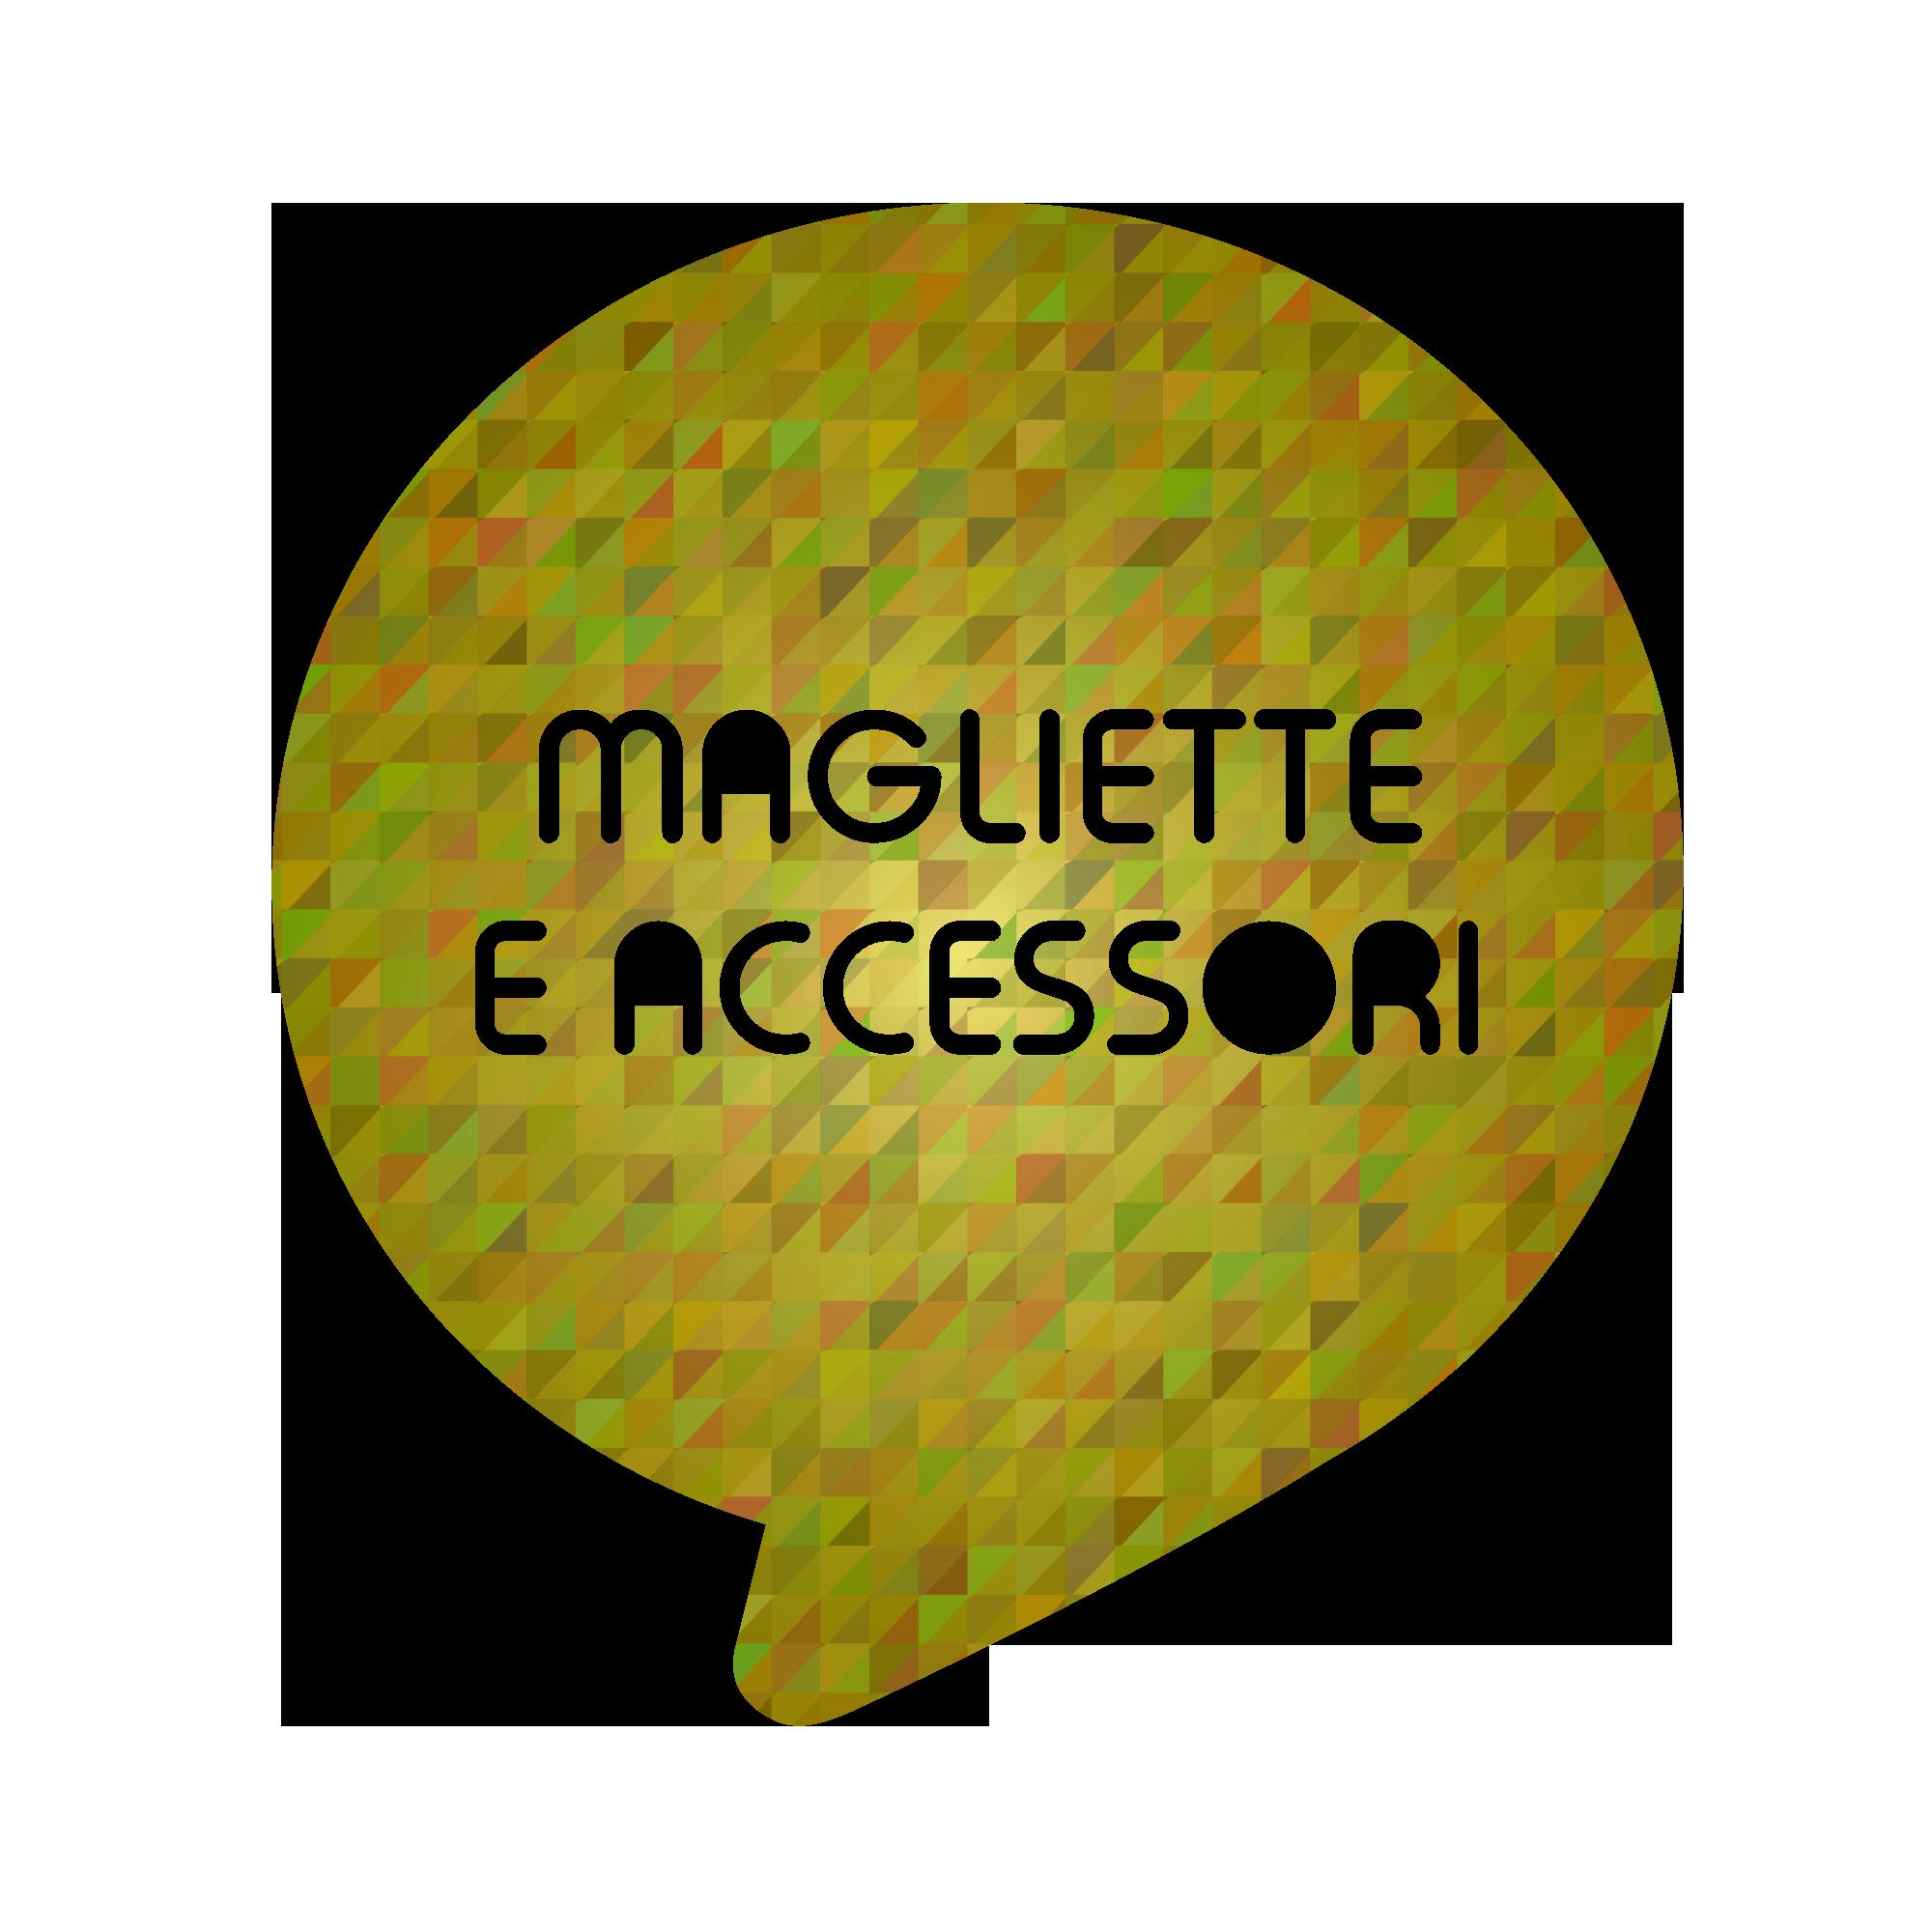 Magliette e Accessori